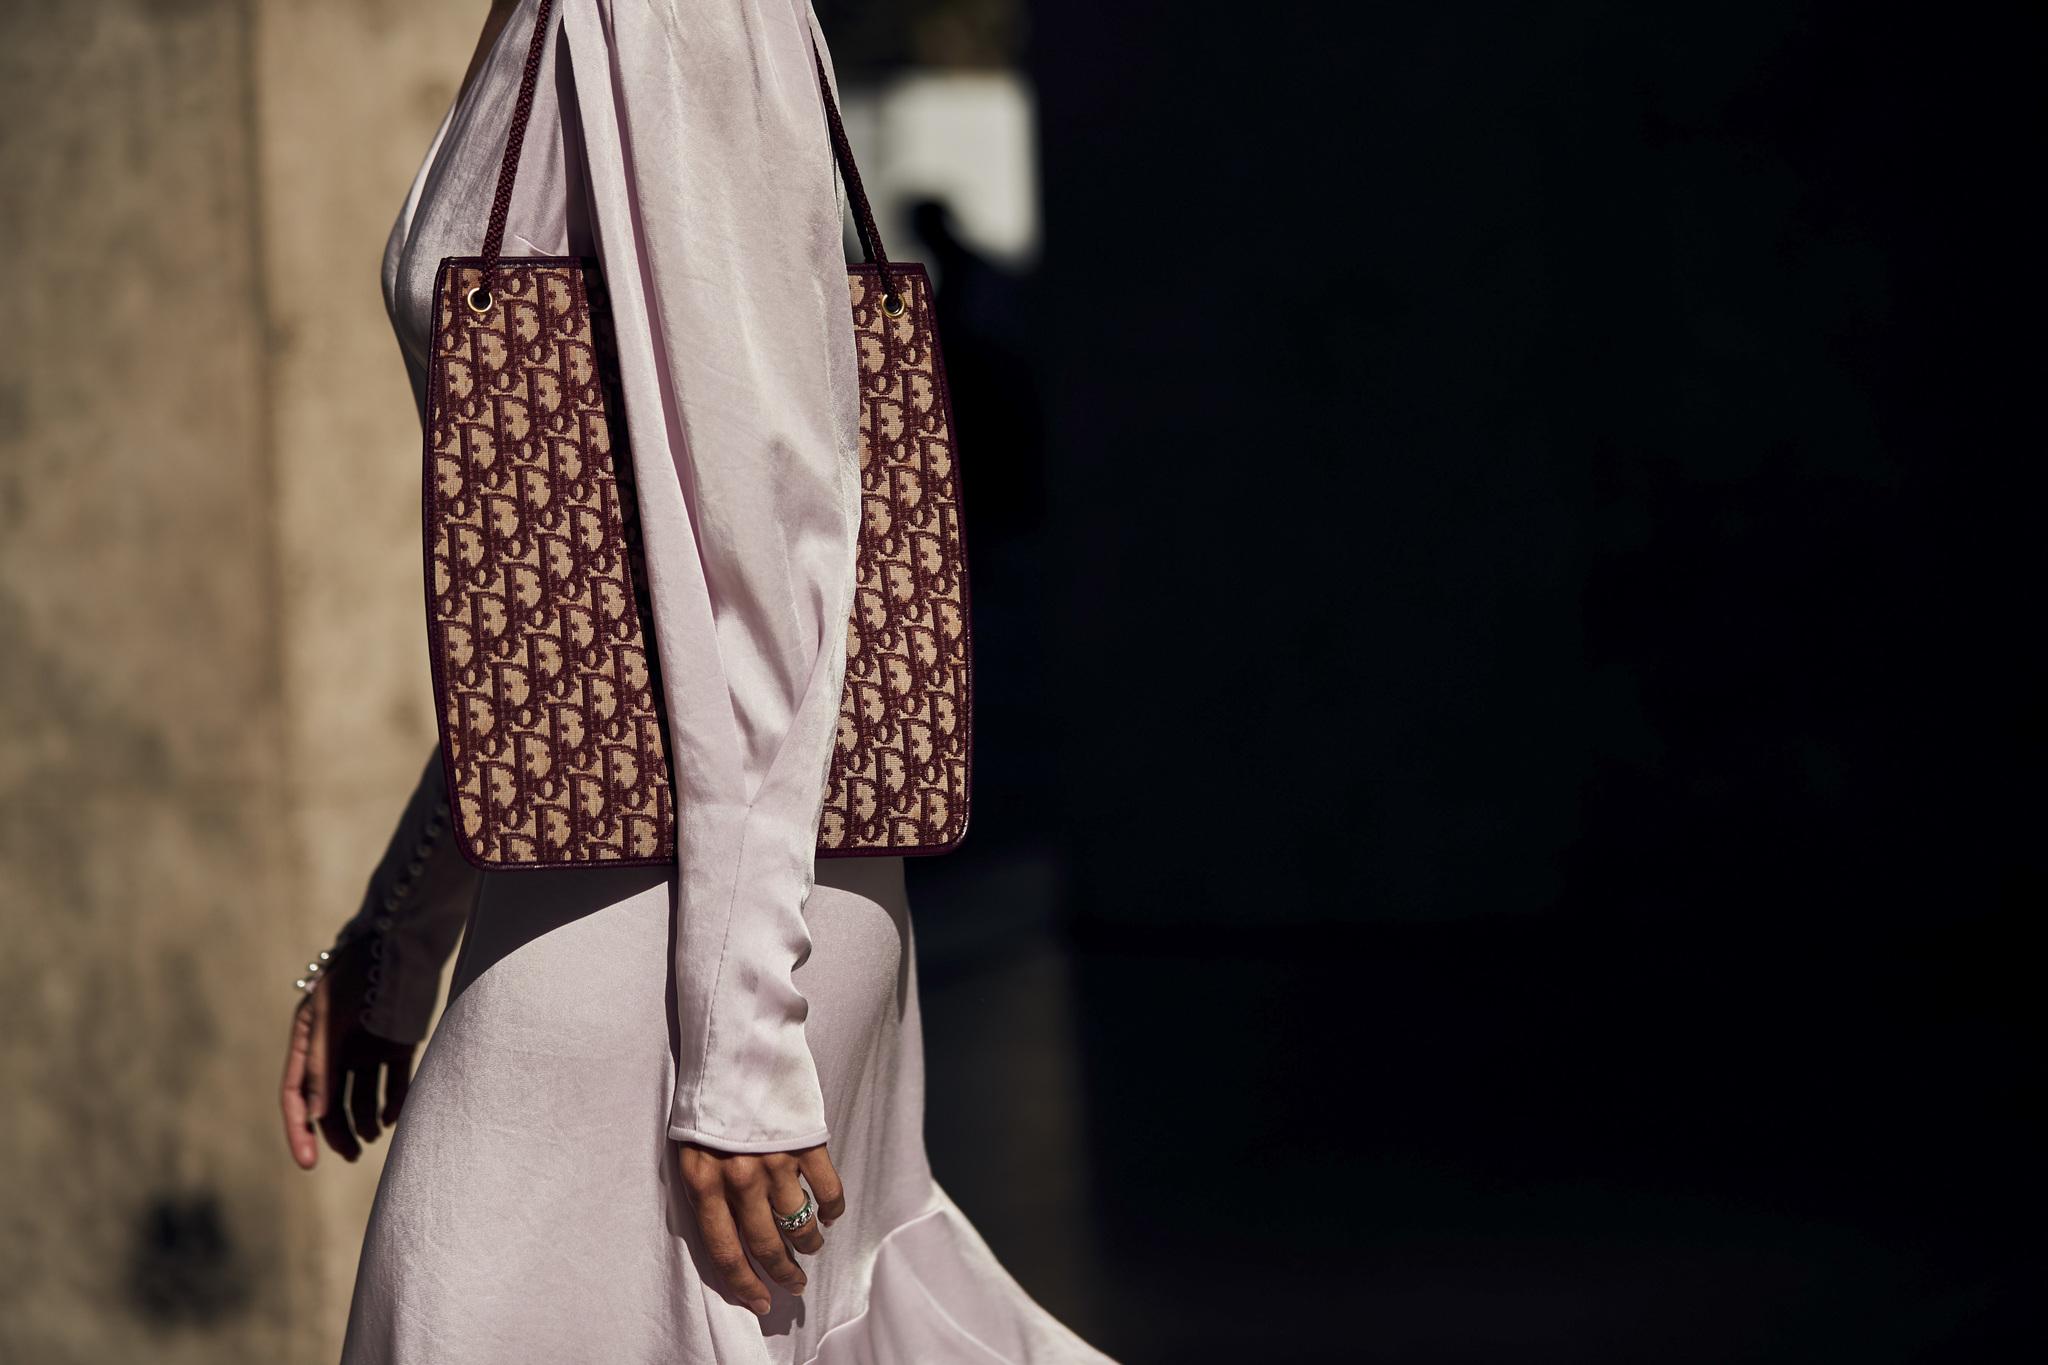 Al igual que Gucci, Dior apuesta por bolsos con pátina vintage que hoy nos parecen el valor más seguro gracias a su atemporalidad. A ver quién distingue el de ayer y el de hoy.